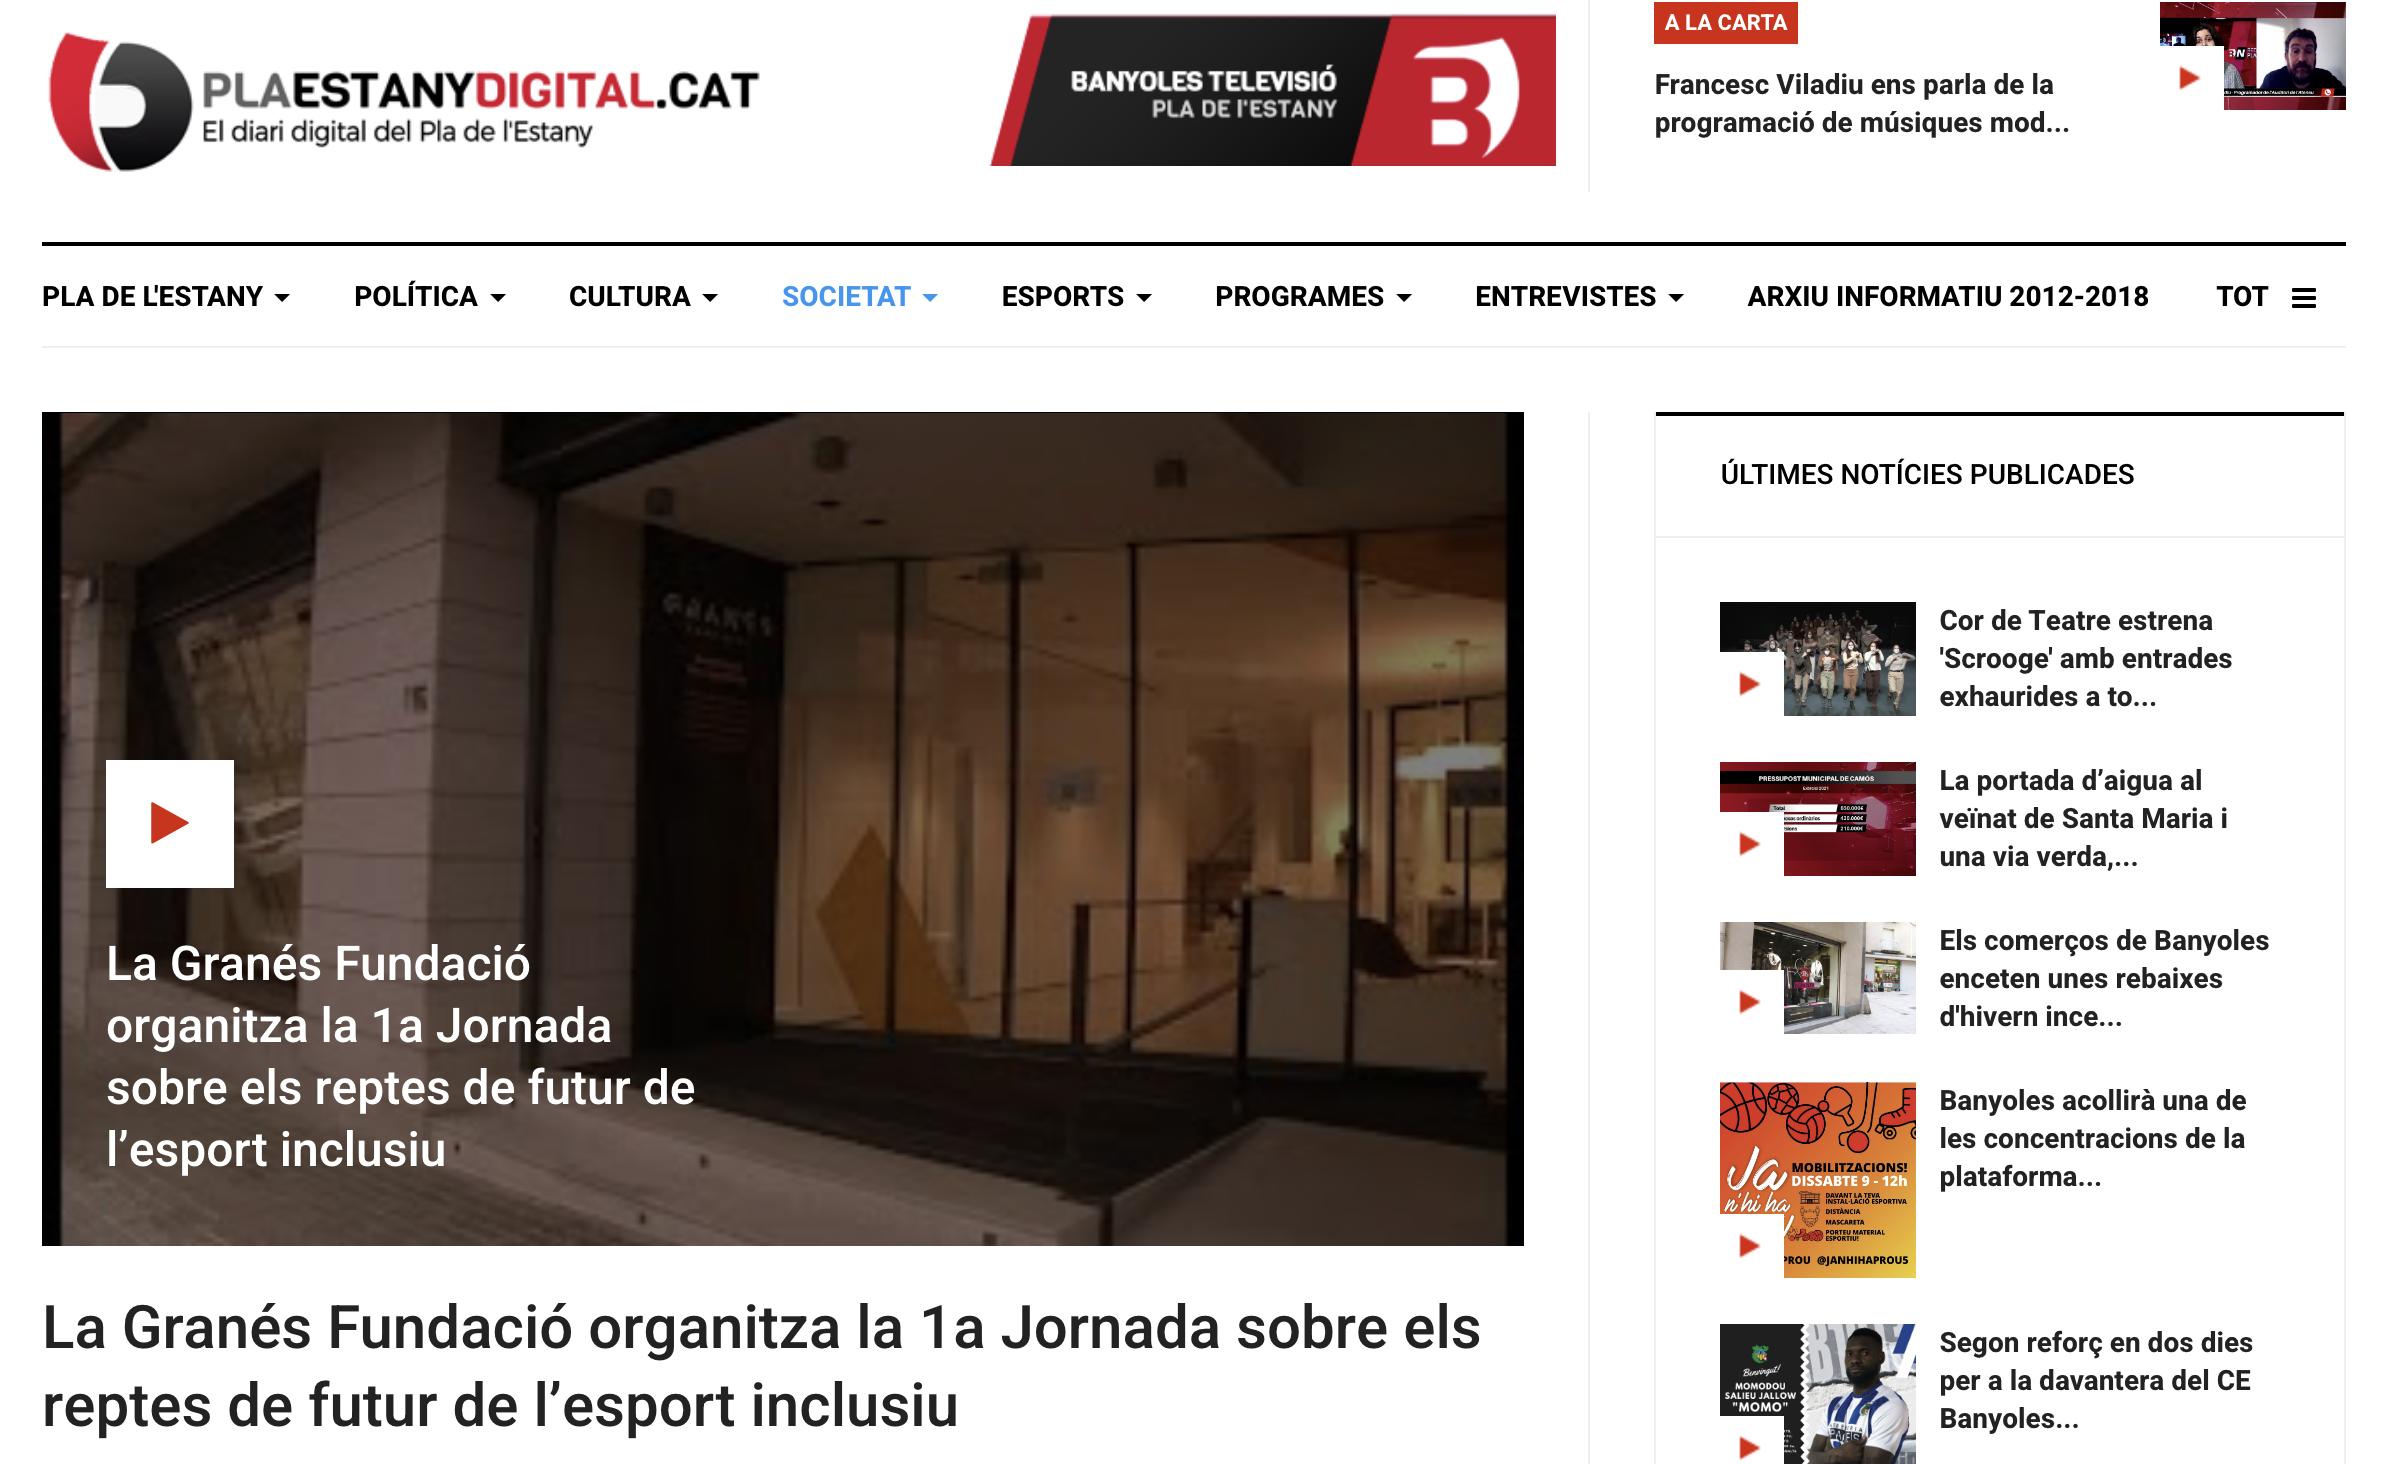 La Granés Fundació Organitza La 1a Jornada Sobre Els Reptes De Futur De L'esport Inclusiu – Pla Estany Digita.cat